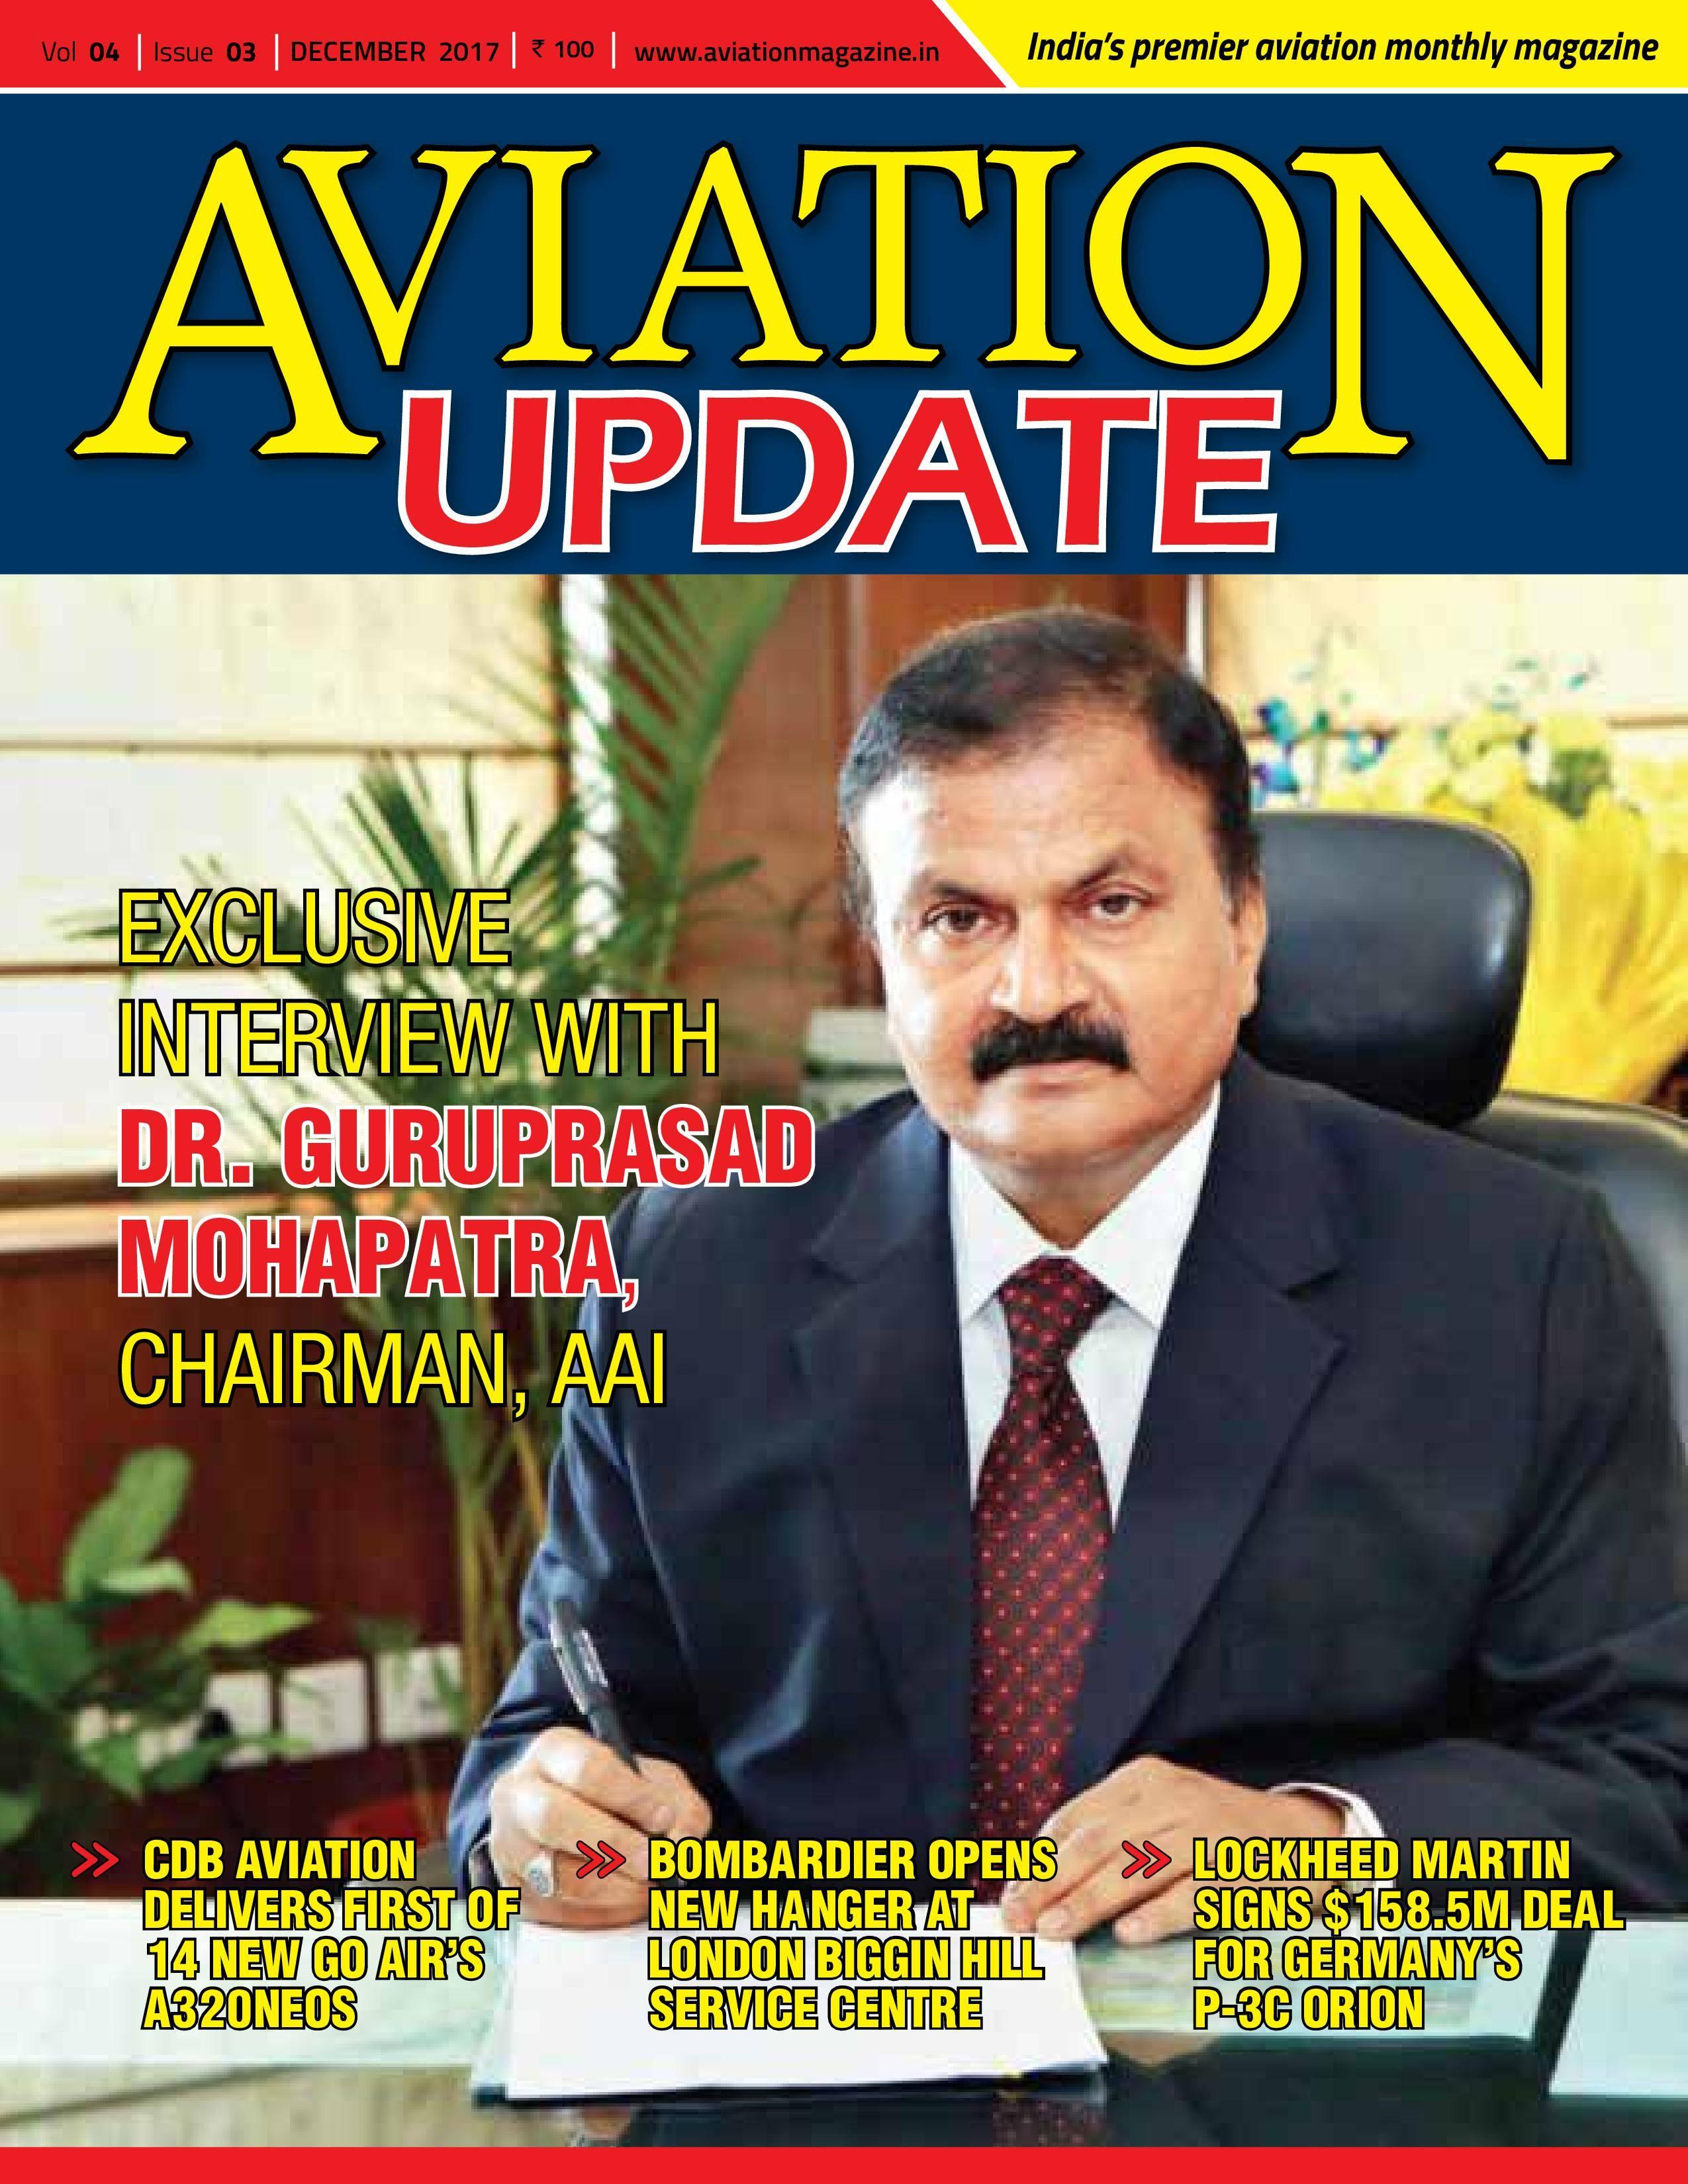 Aviation Update - December 2017